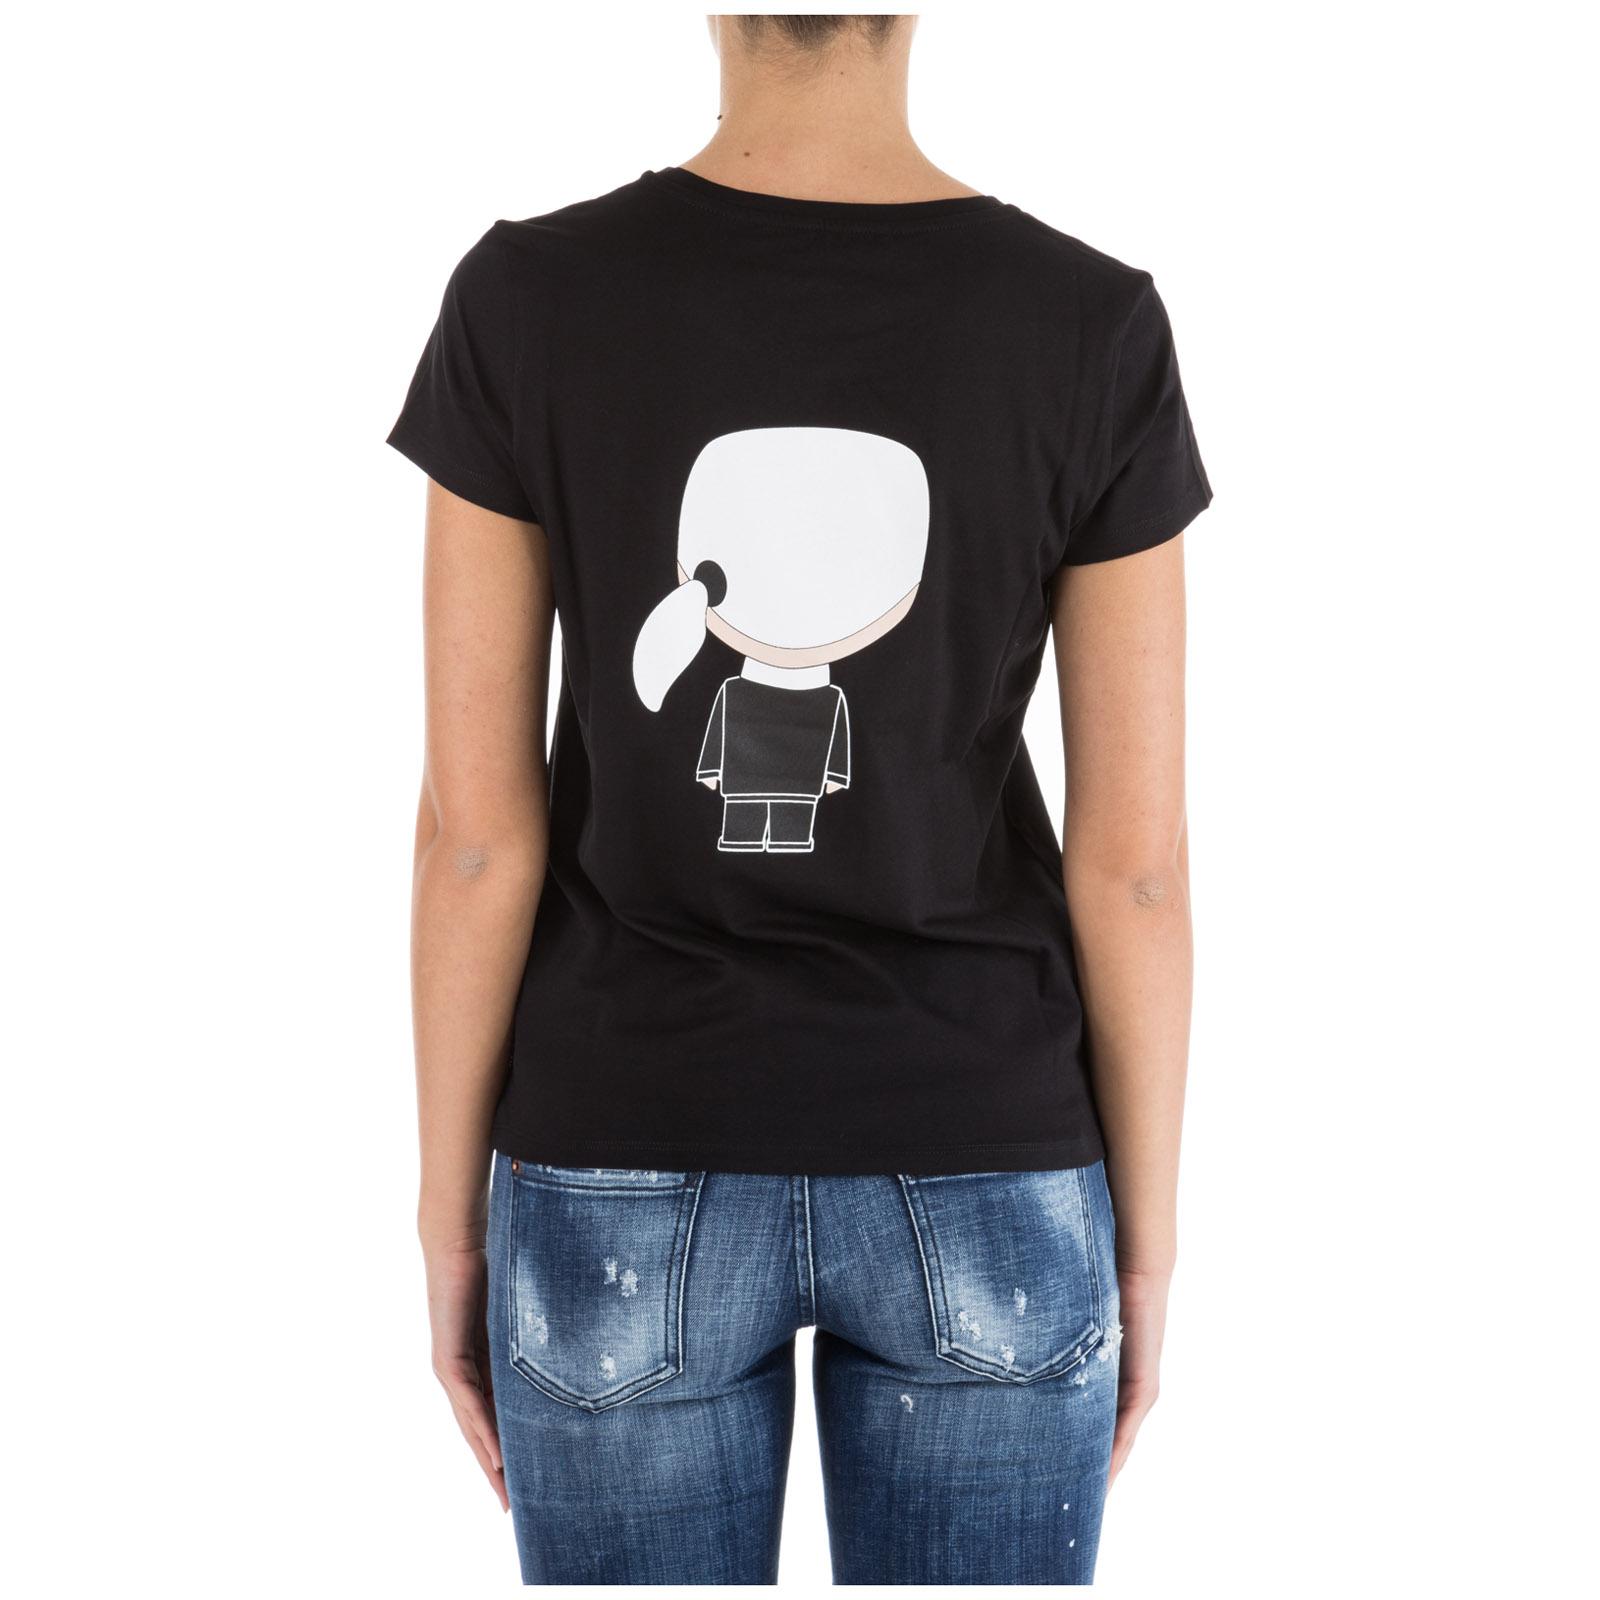 d9df5066ee62 ... Women s t-shirt short sleeve crew neck round ikonik ...